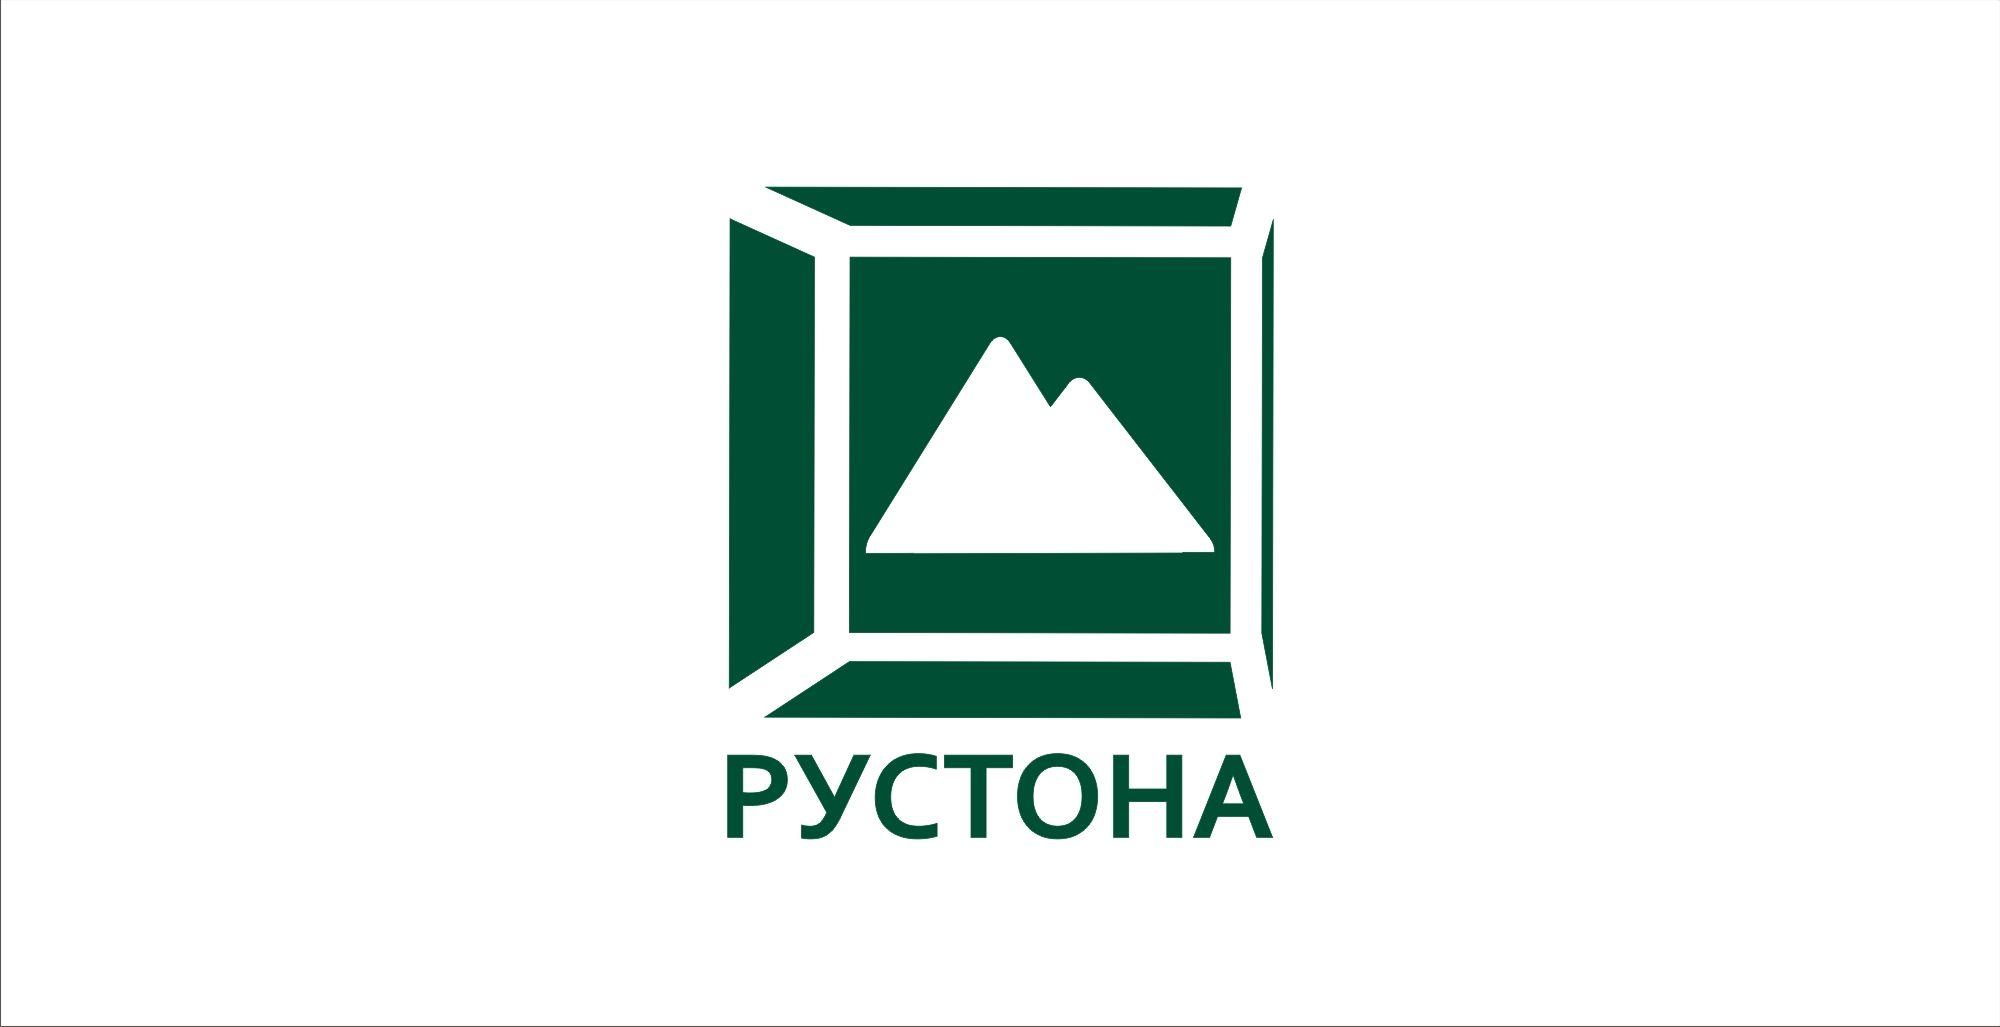 Логотип для компании Рустона (www.rustona.com) - дизайнер jeckson1983